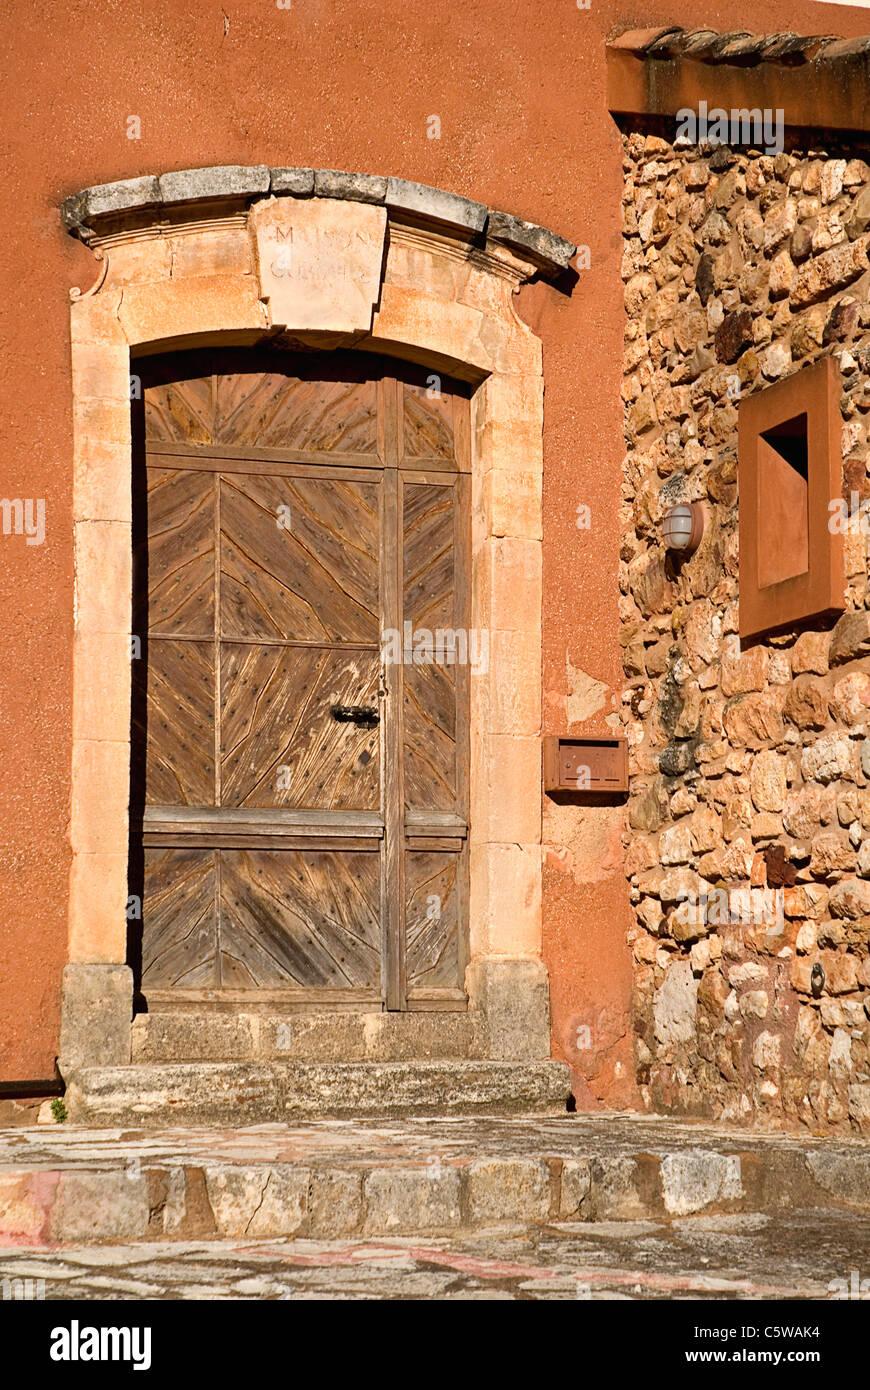 Couleurs Facades En Provence france, provence, roussillon, façade de maison en couleurs